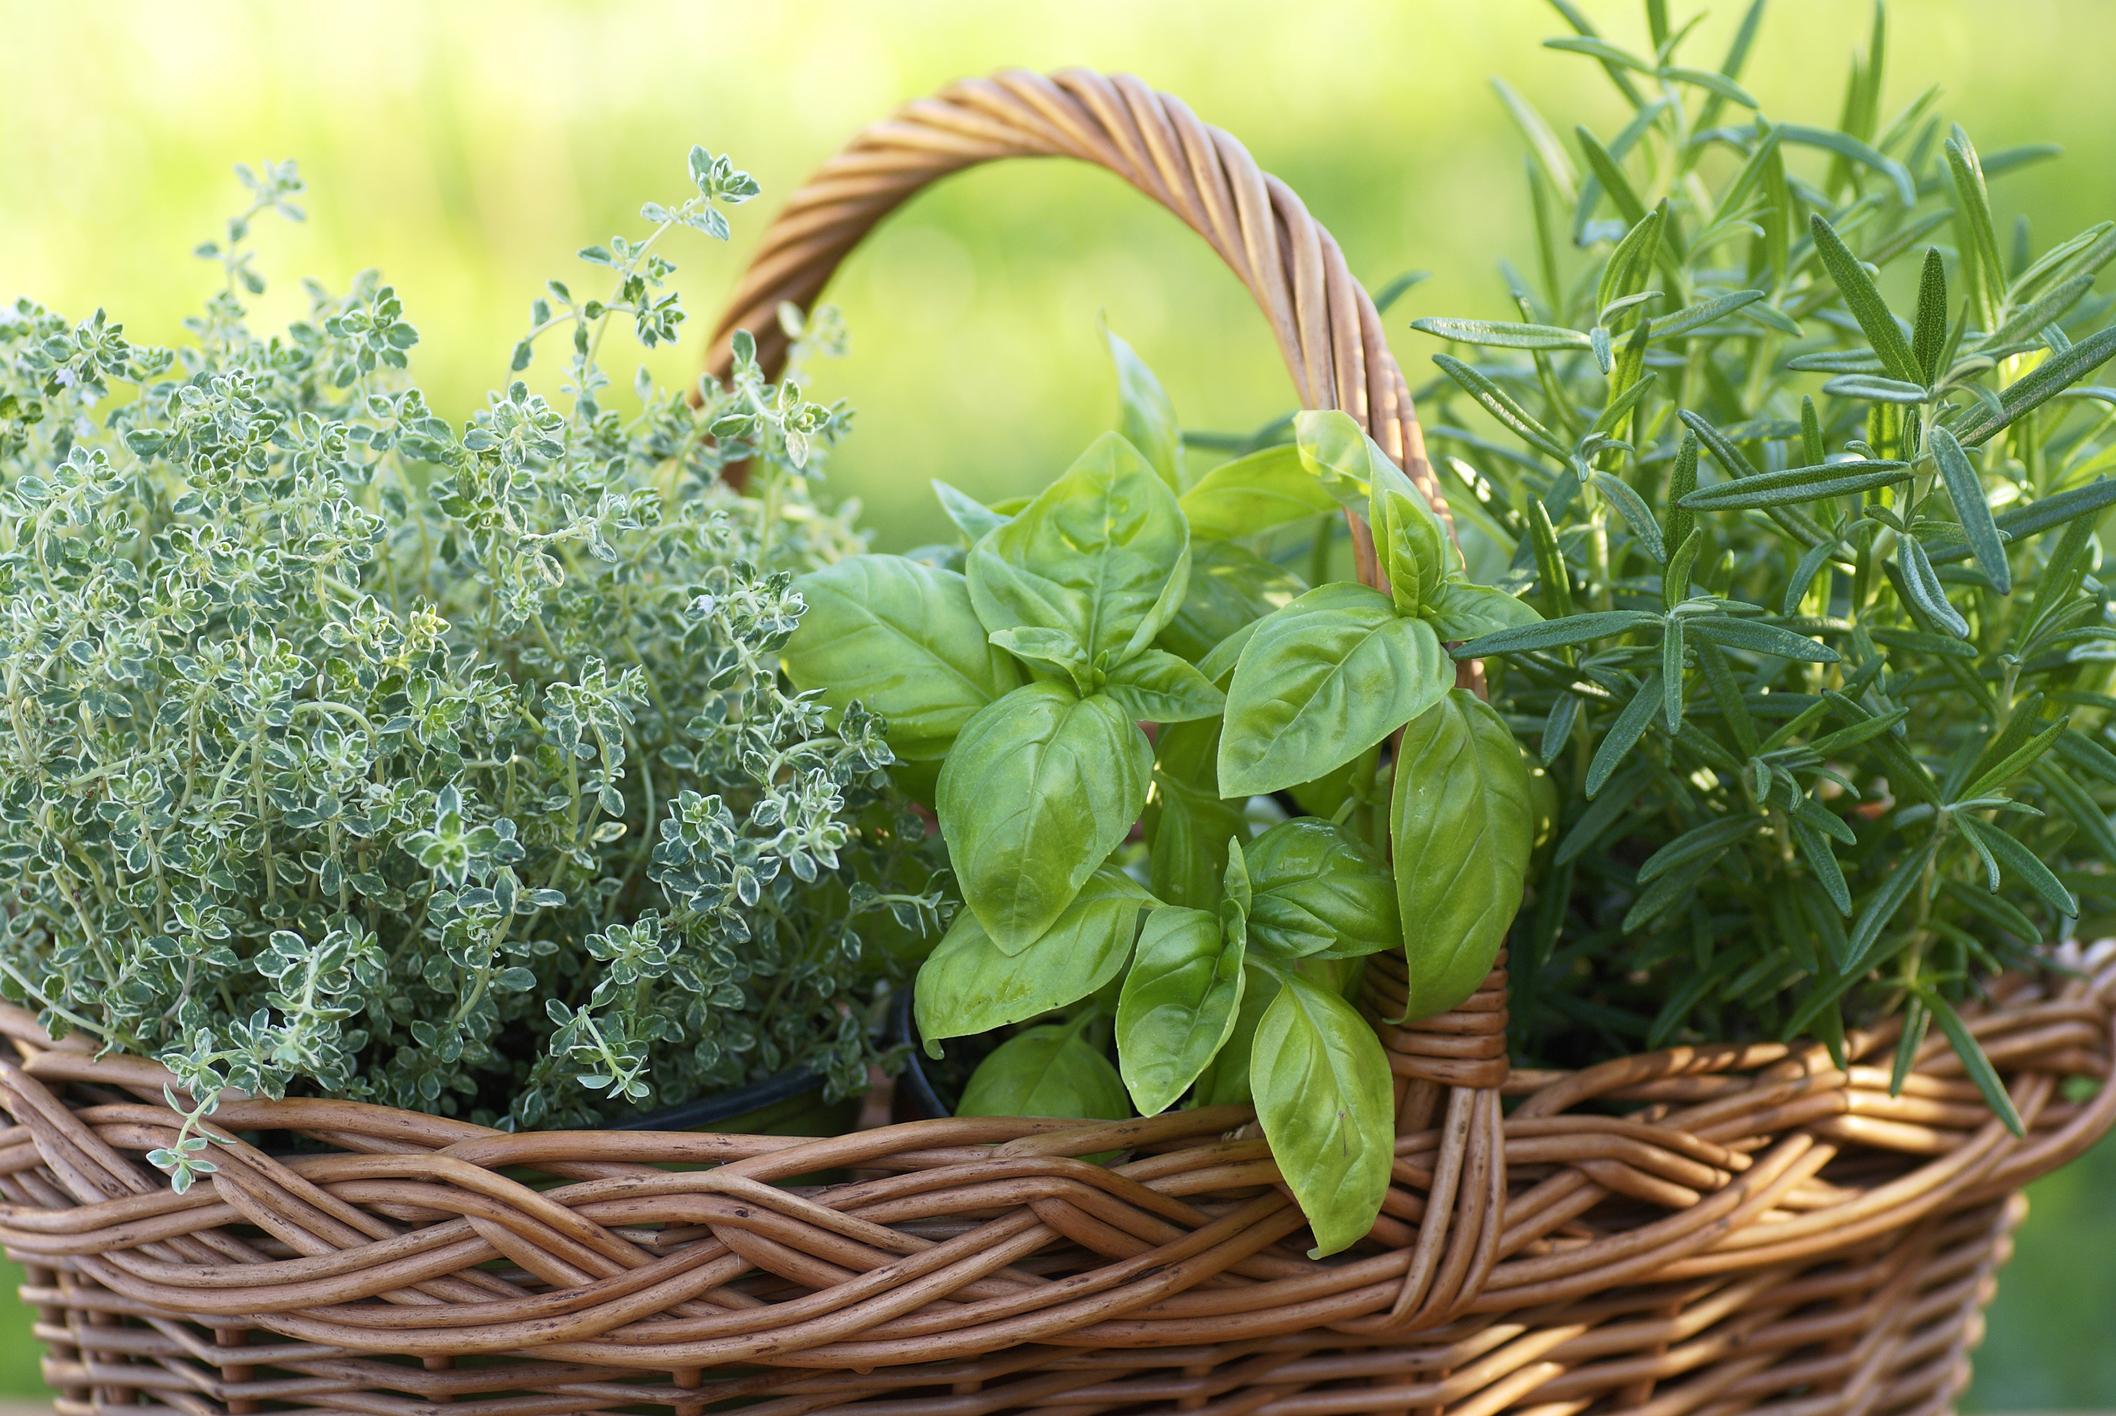 Coltivare In Casa Piante Aromatiche spezie da coltivare: 5 idee per il tuo terrazzo - ville&casali